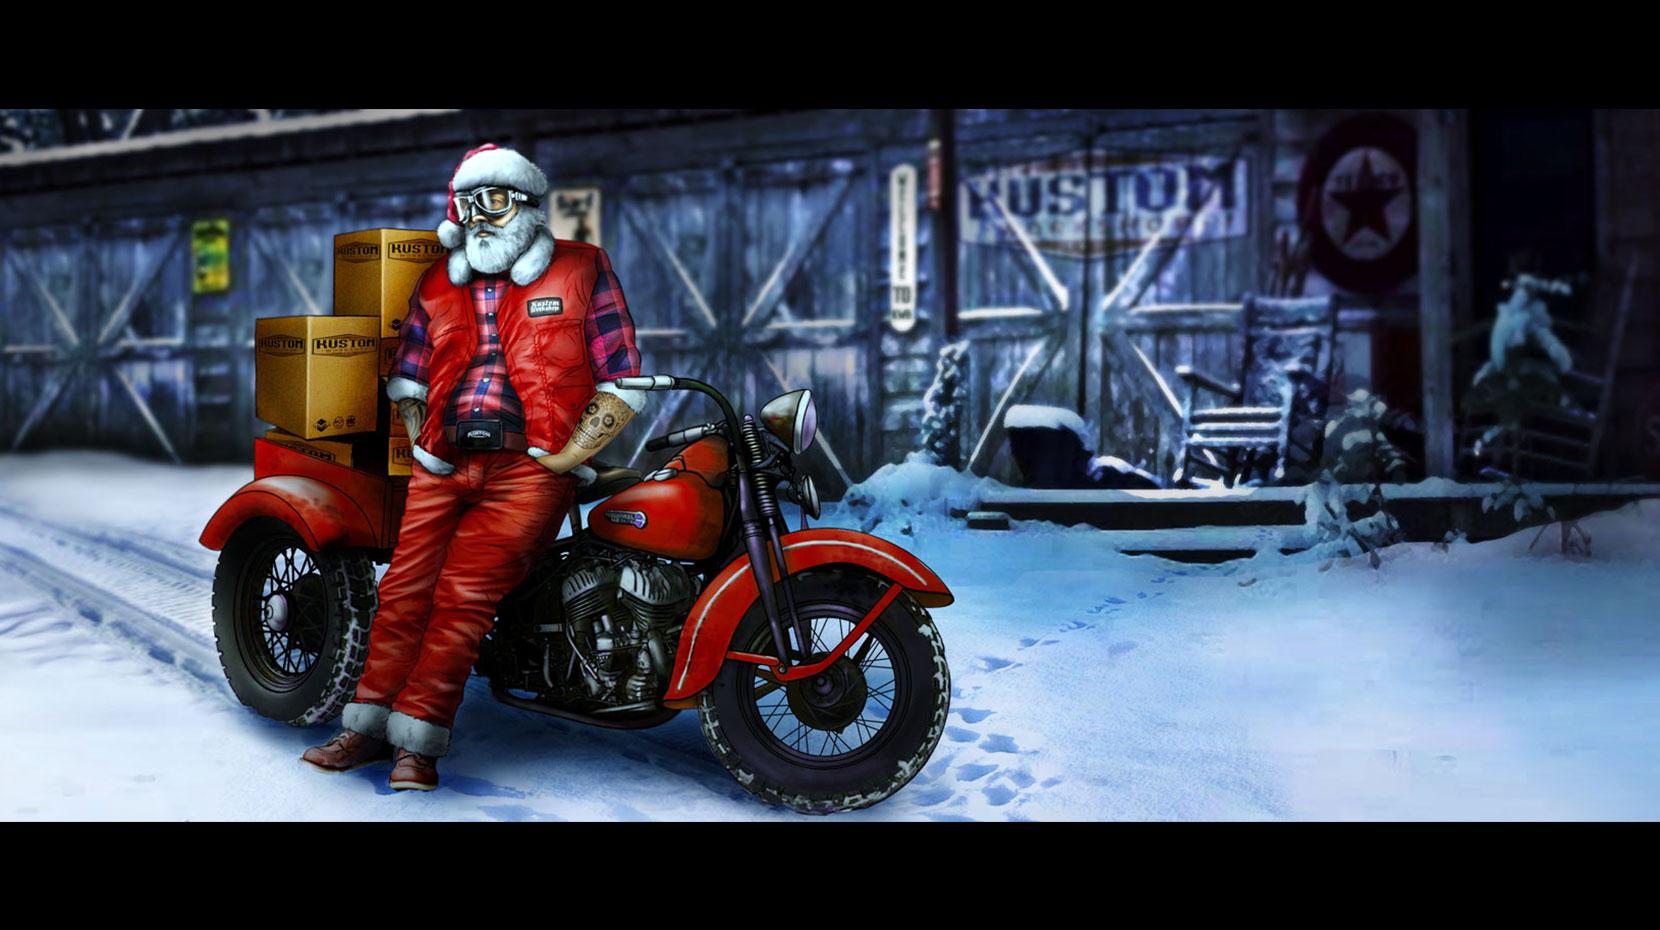 KWS Santa Claus illustration